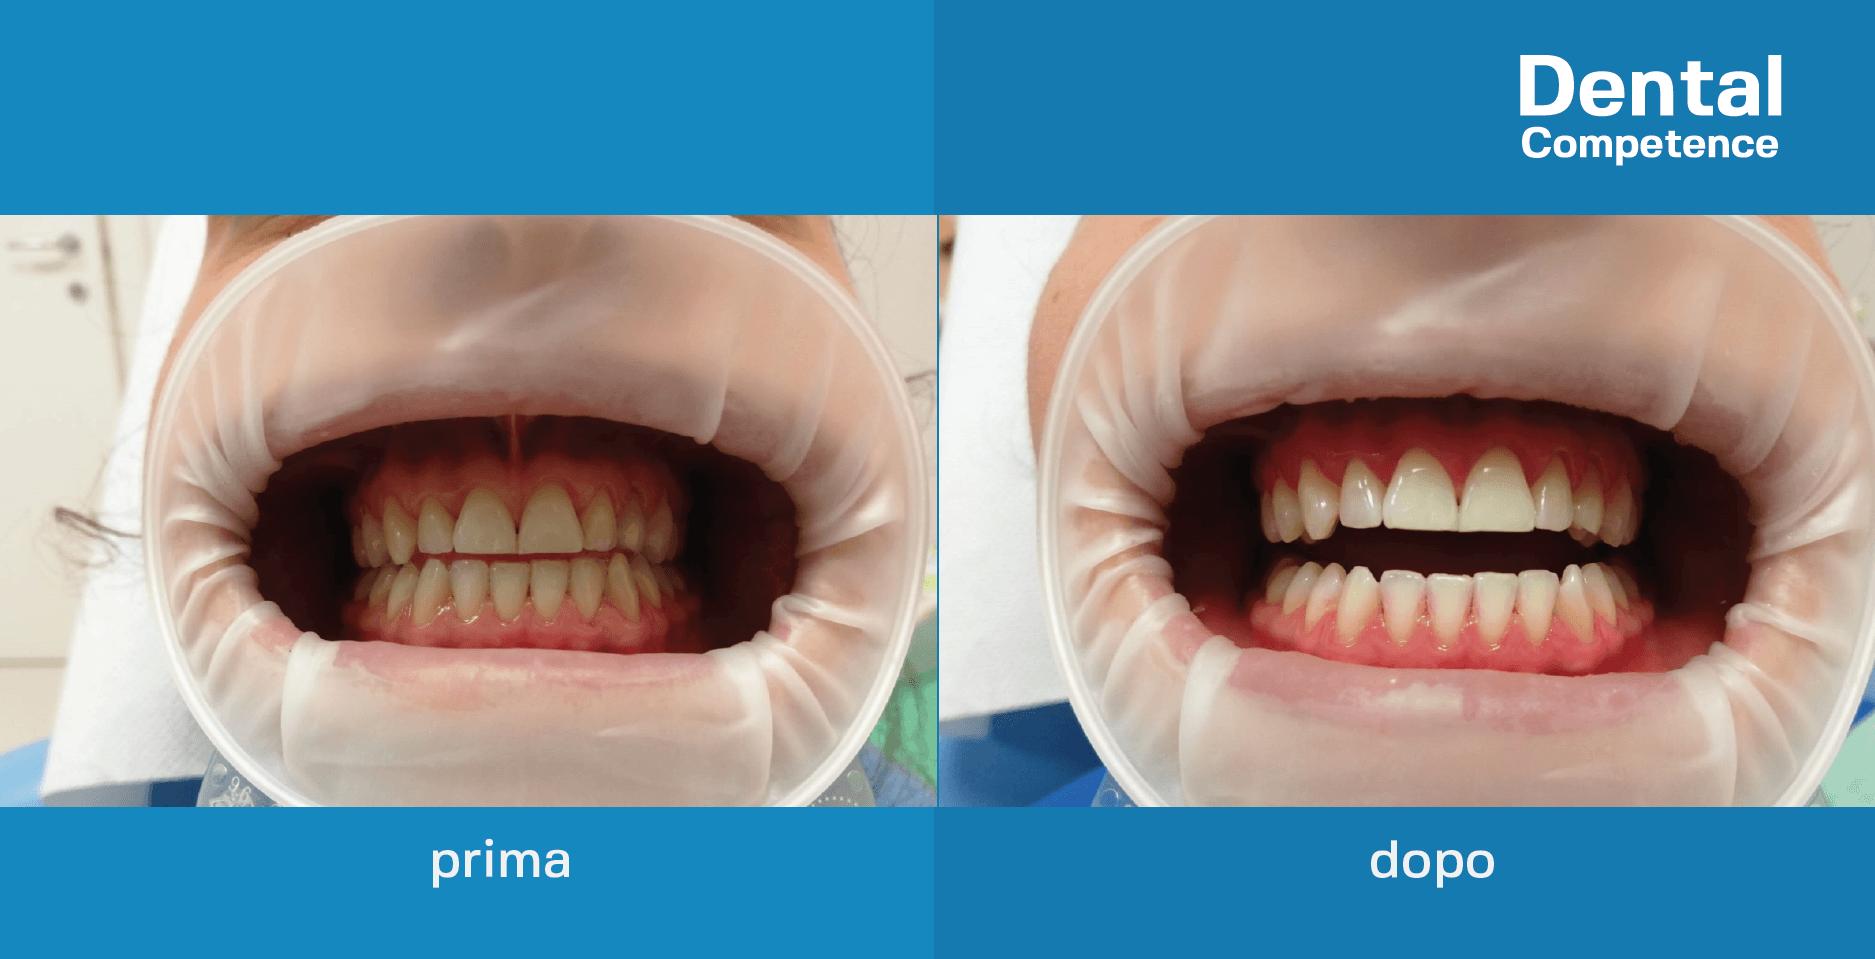 foto prima e dopo la realizzazione di un trattamento di sbiancamento professionale presso dental competence grosseto